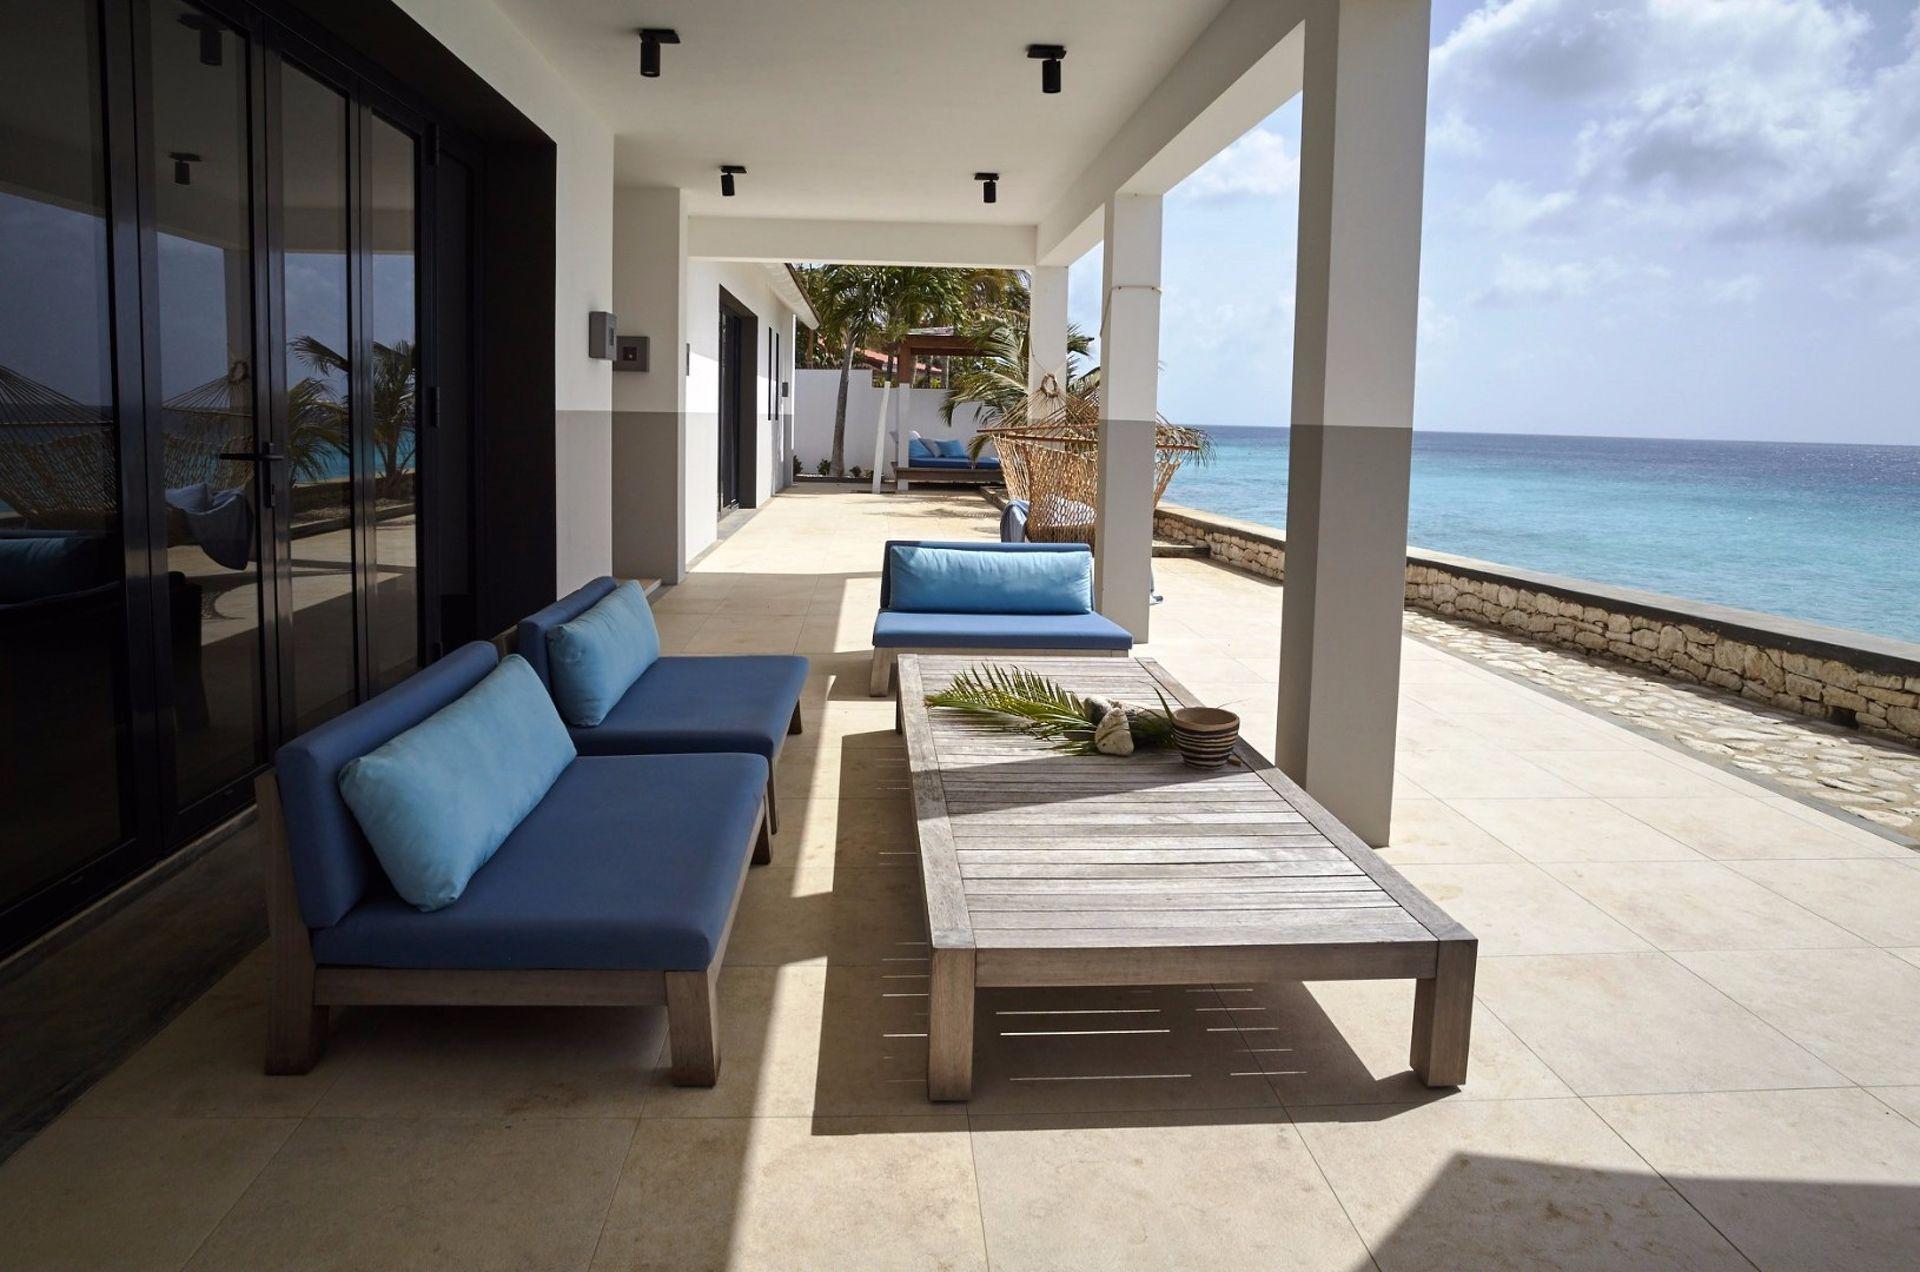 EEG Boulevard 72 - Villa te koop aan zee op Bonaire, ontworpen door ...